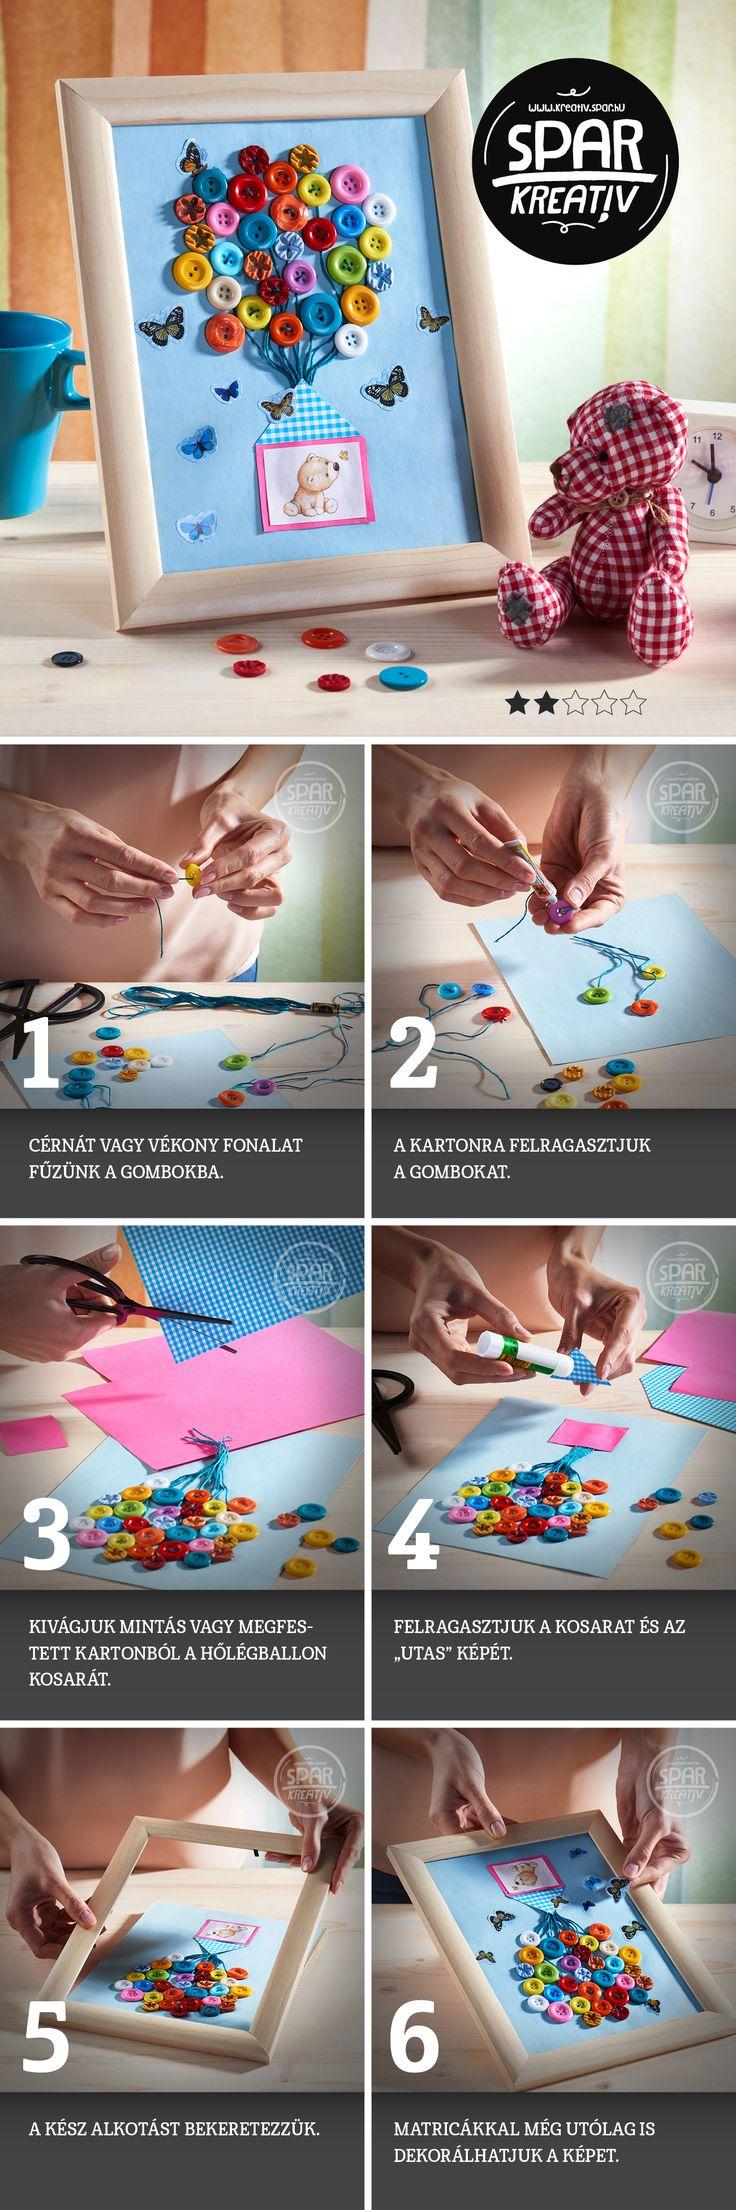 Gombos mese: A gyerekszobát dekorálhatjuk egy barátságos hőlégballonos képpel! De akár a gyerek valamelyik rajzát, akár egy meglévő kedves képet is továbbgondolhatunk számtalan mókás, színes gombbal – ezeken kívül nem is kell hozzá más, csak egy kartonpapír a képhez, egy keret, festék, ragasztó, madzag, textildarabkák, festék, ecset. A képet tetszés szerint kis matricákkal dekorálhatjuk a gyerekek segítségével.